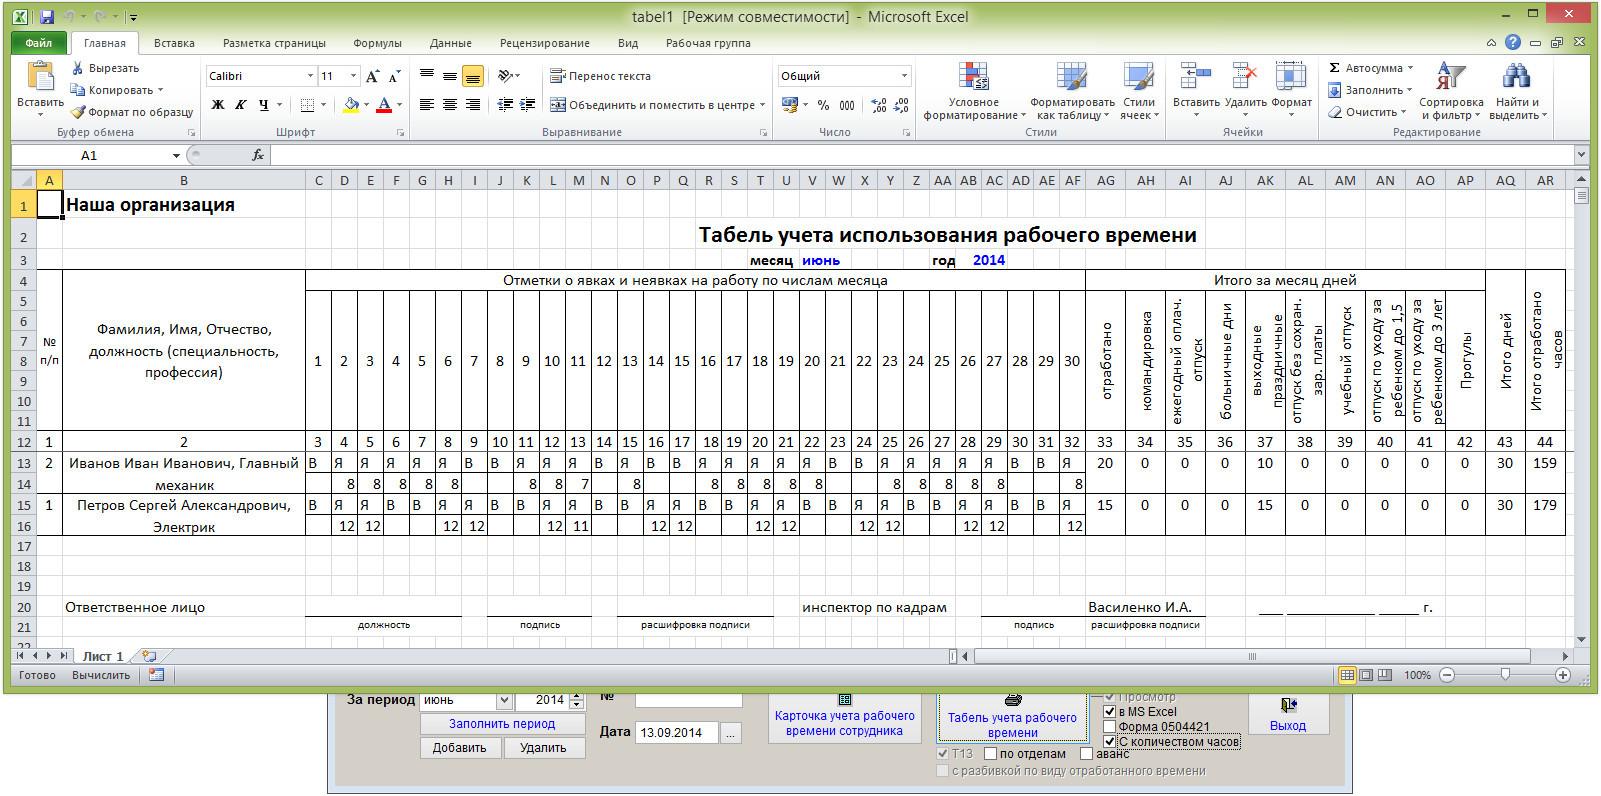 Как сделать график работы для сотрудников 829